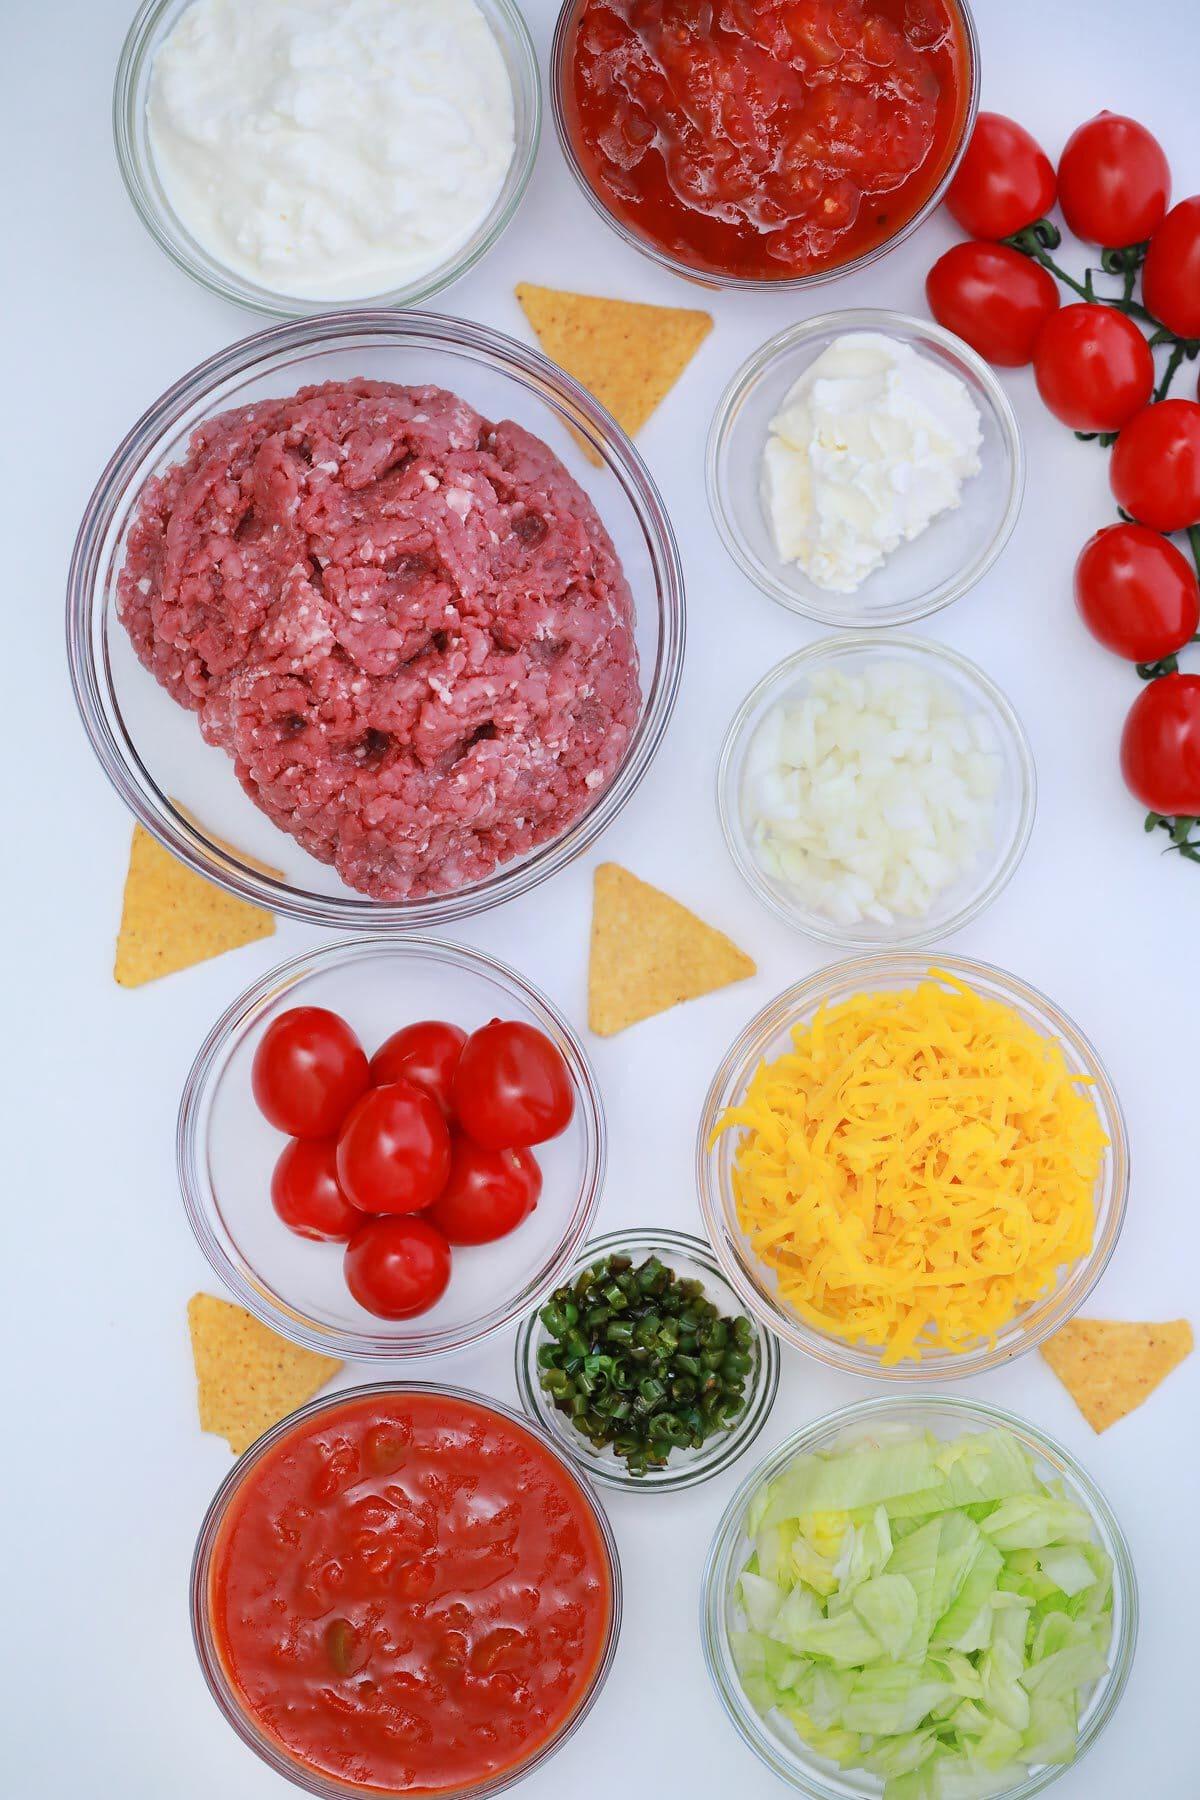 Walking taco casserole ingredients